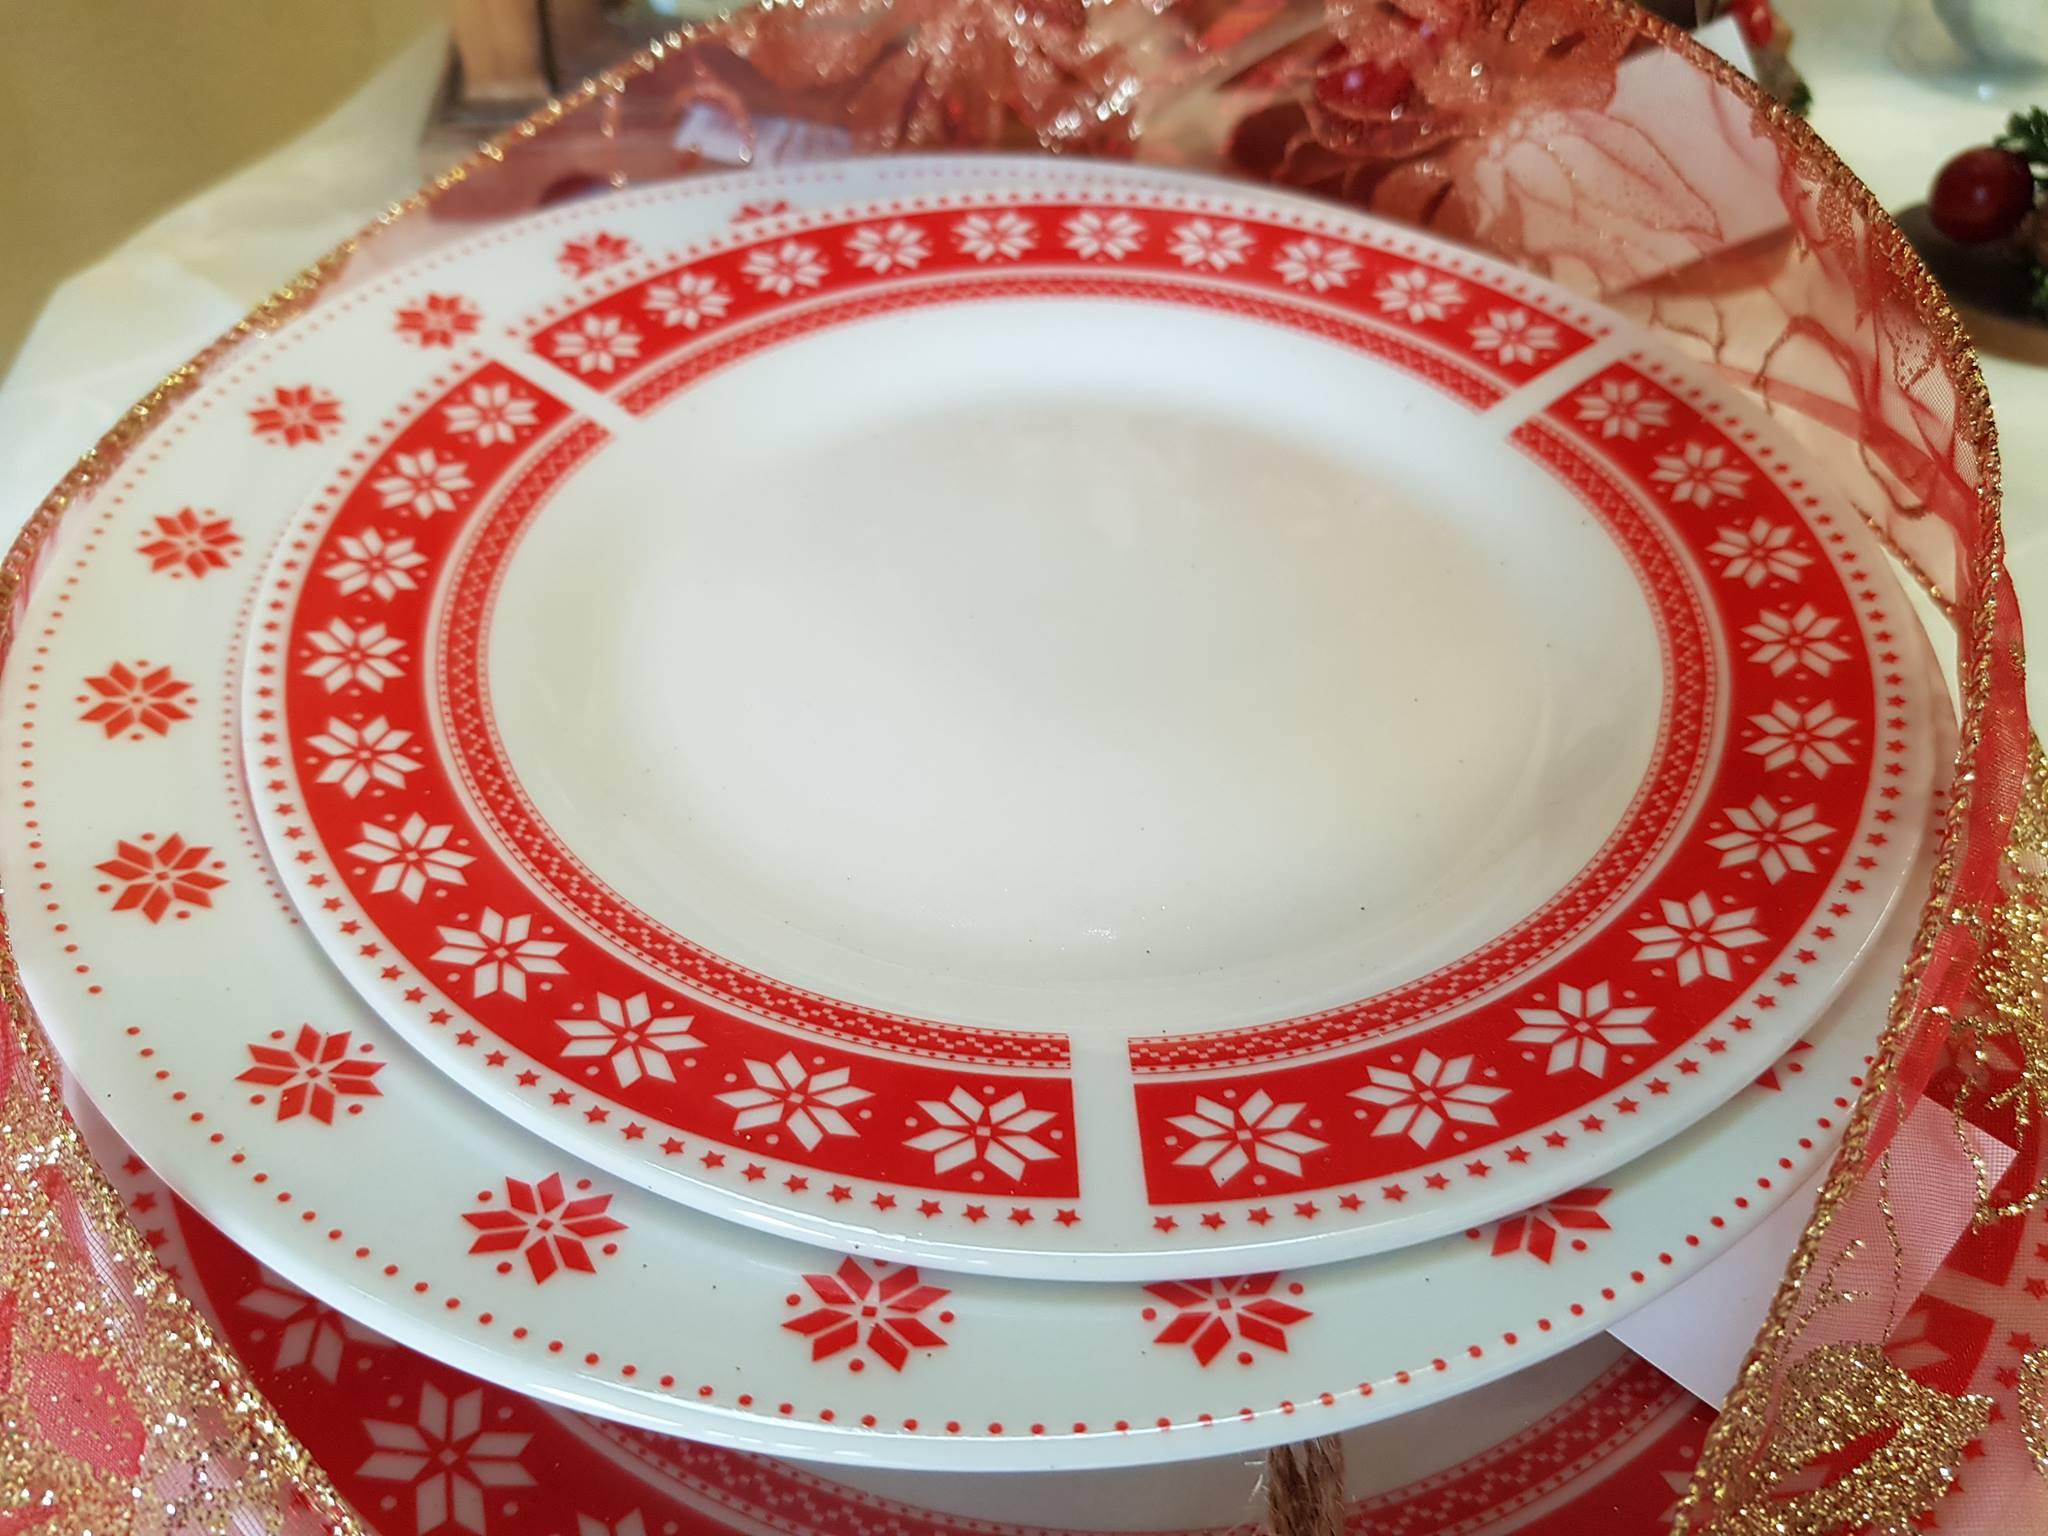 Il menù di San Valentino per una cena romantica